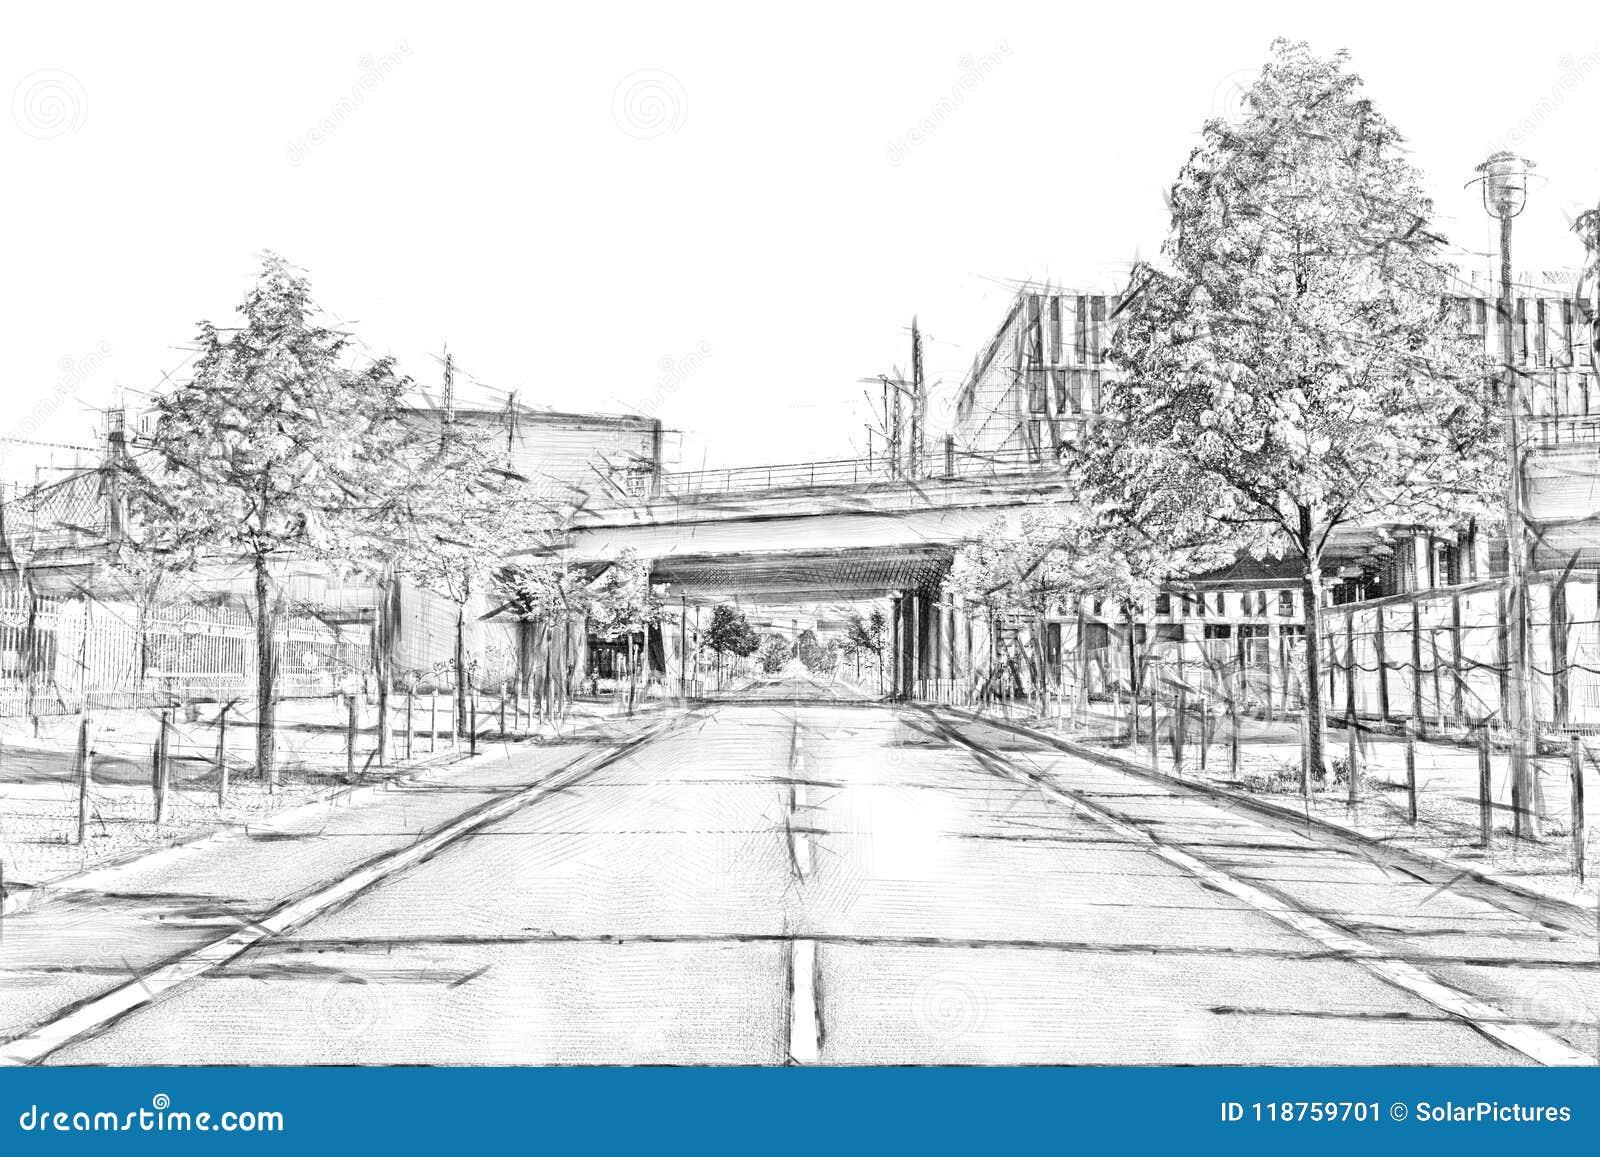 A pencil sketch drawing of a train bridge across an empty street in downtown berlin